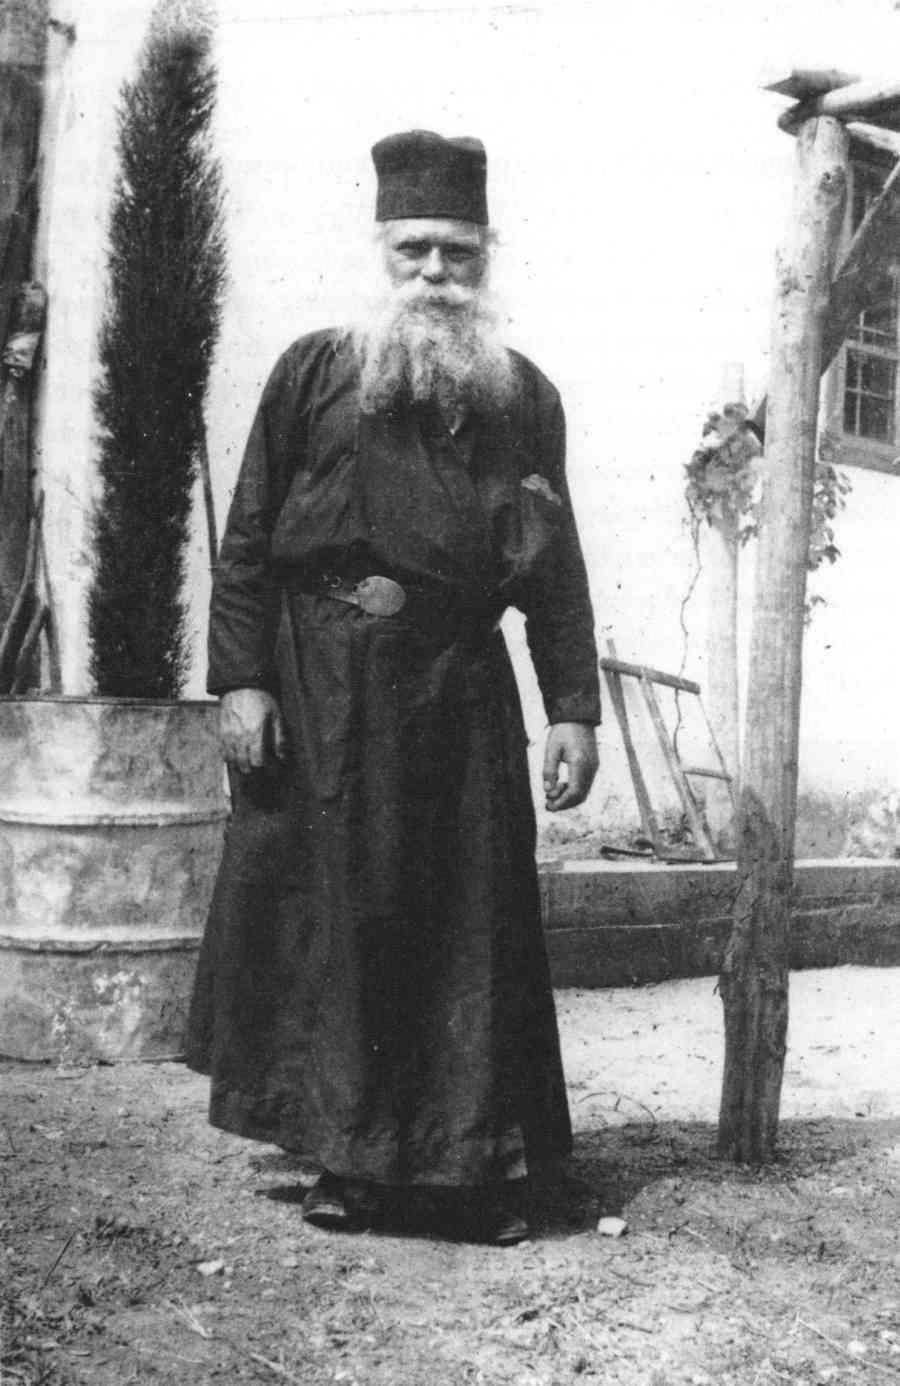 Ιερομόναχος Νικόδημος Κουτλουμουσιανοσκητιώτης (1926 – 17 Ιουλίου 1986)